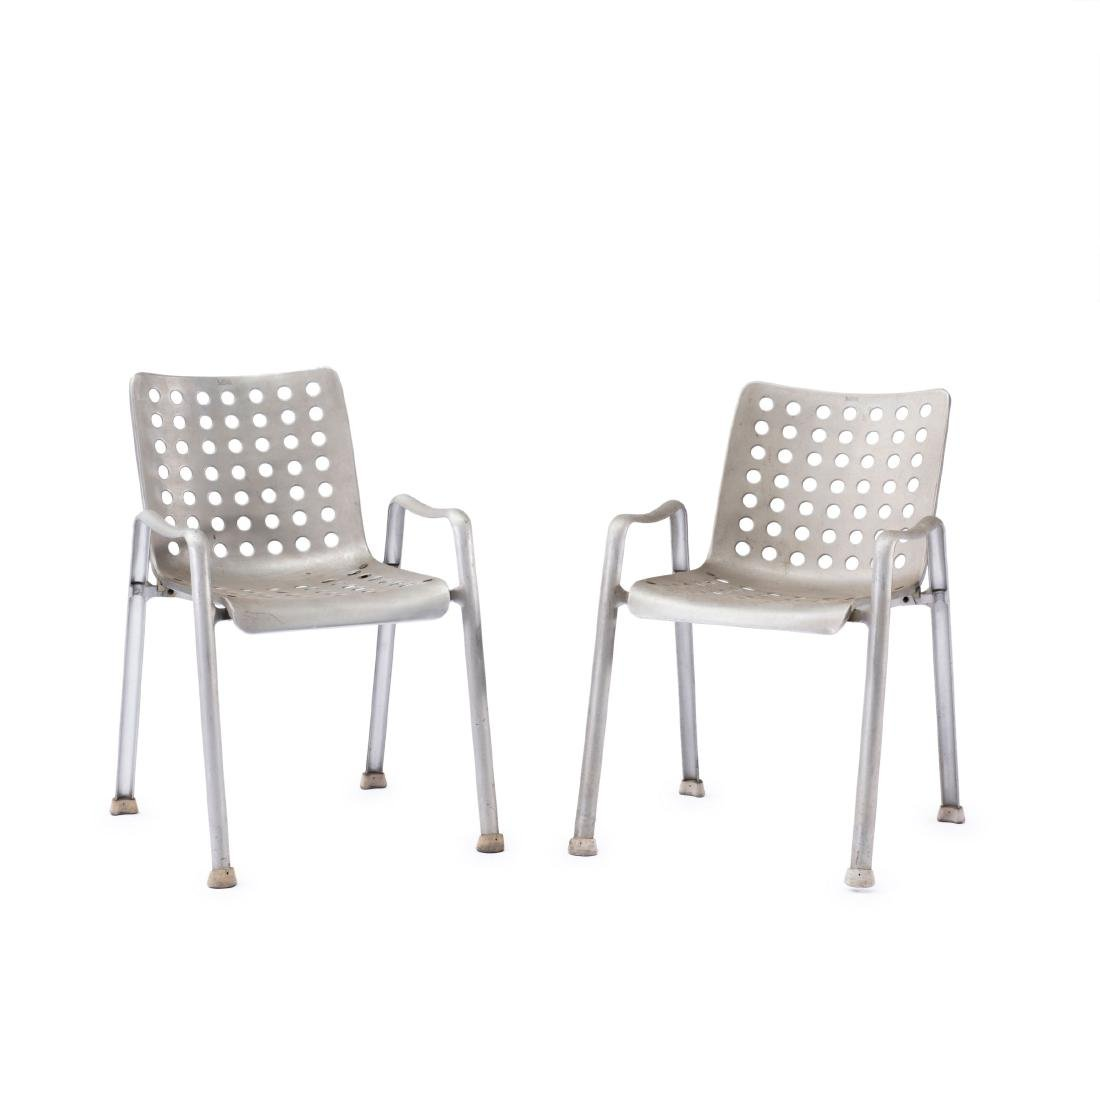 Two 'Landi' stacking chairs, 1938